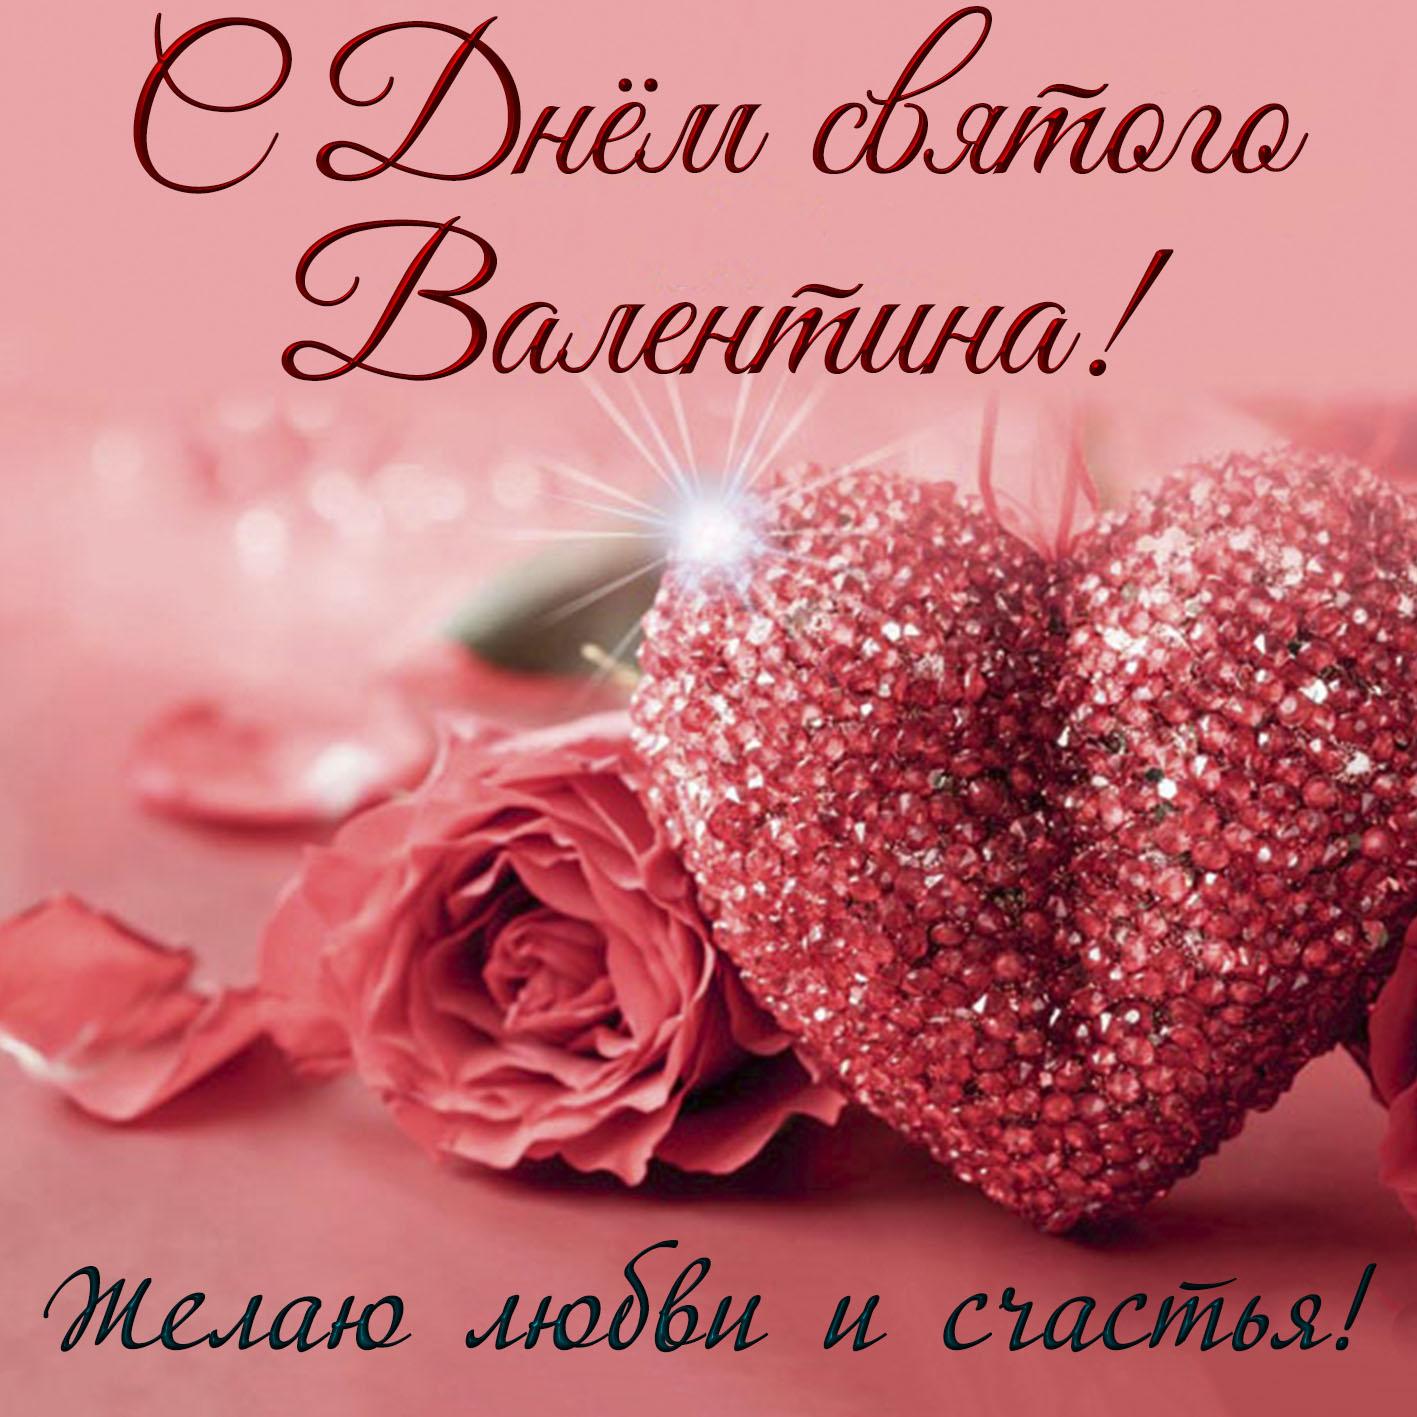 Картинка с красивым сердечком и розой на День святого Валентина